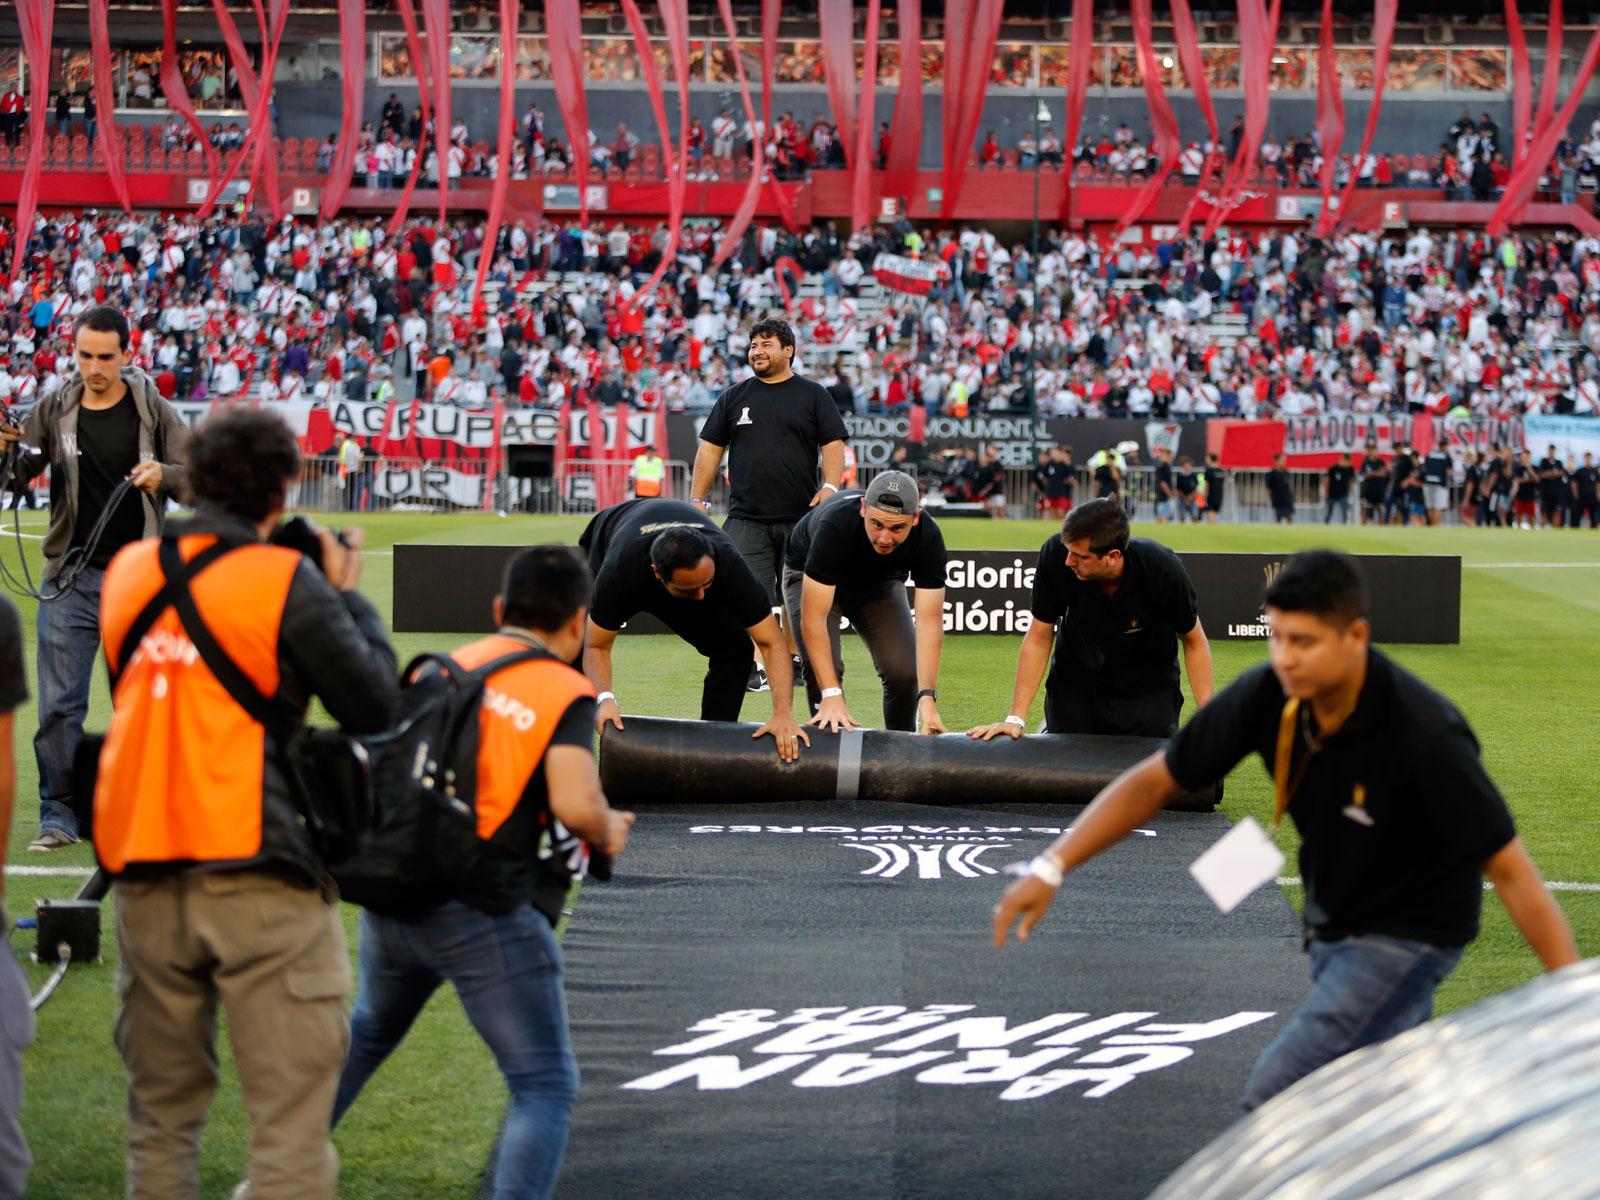 Officials close up shop at El Monumental after the postponement of the Copa Libertadores final